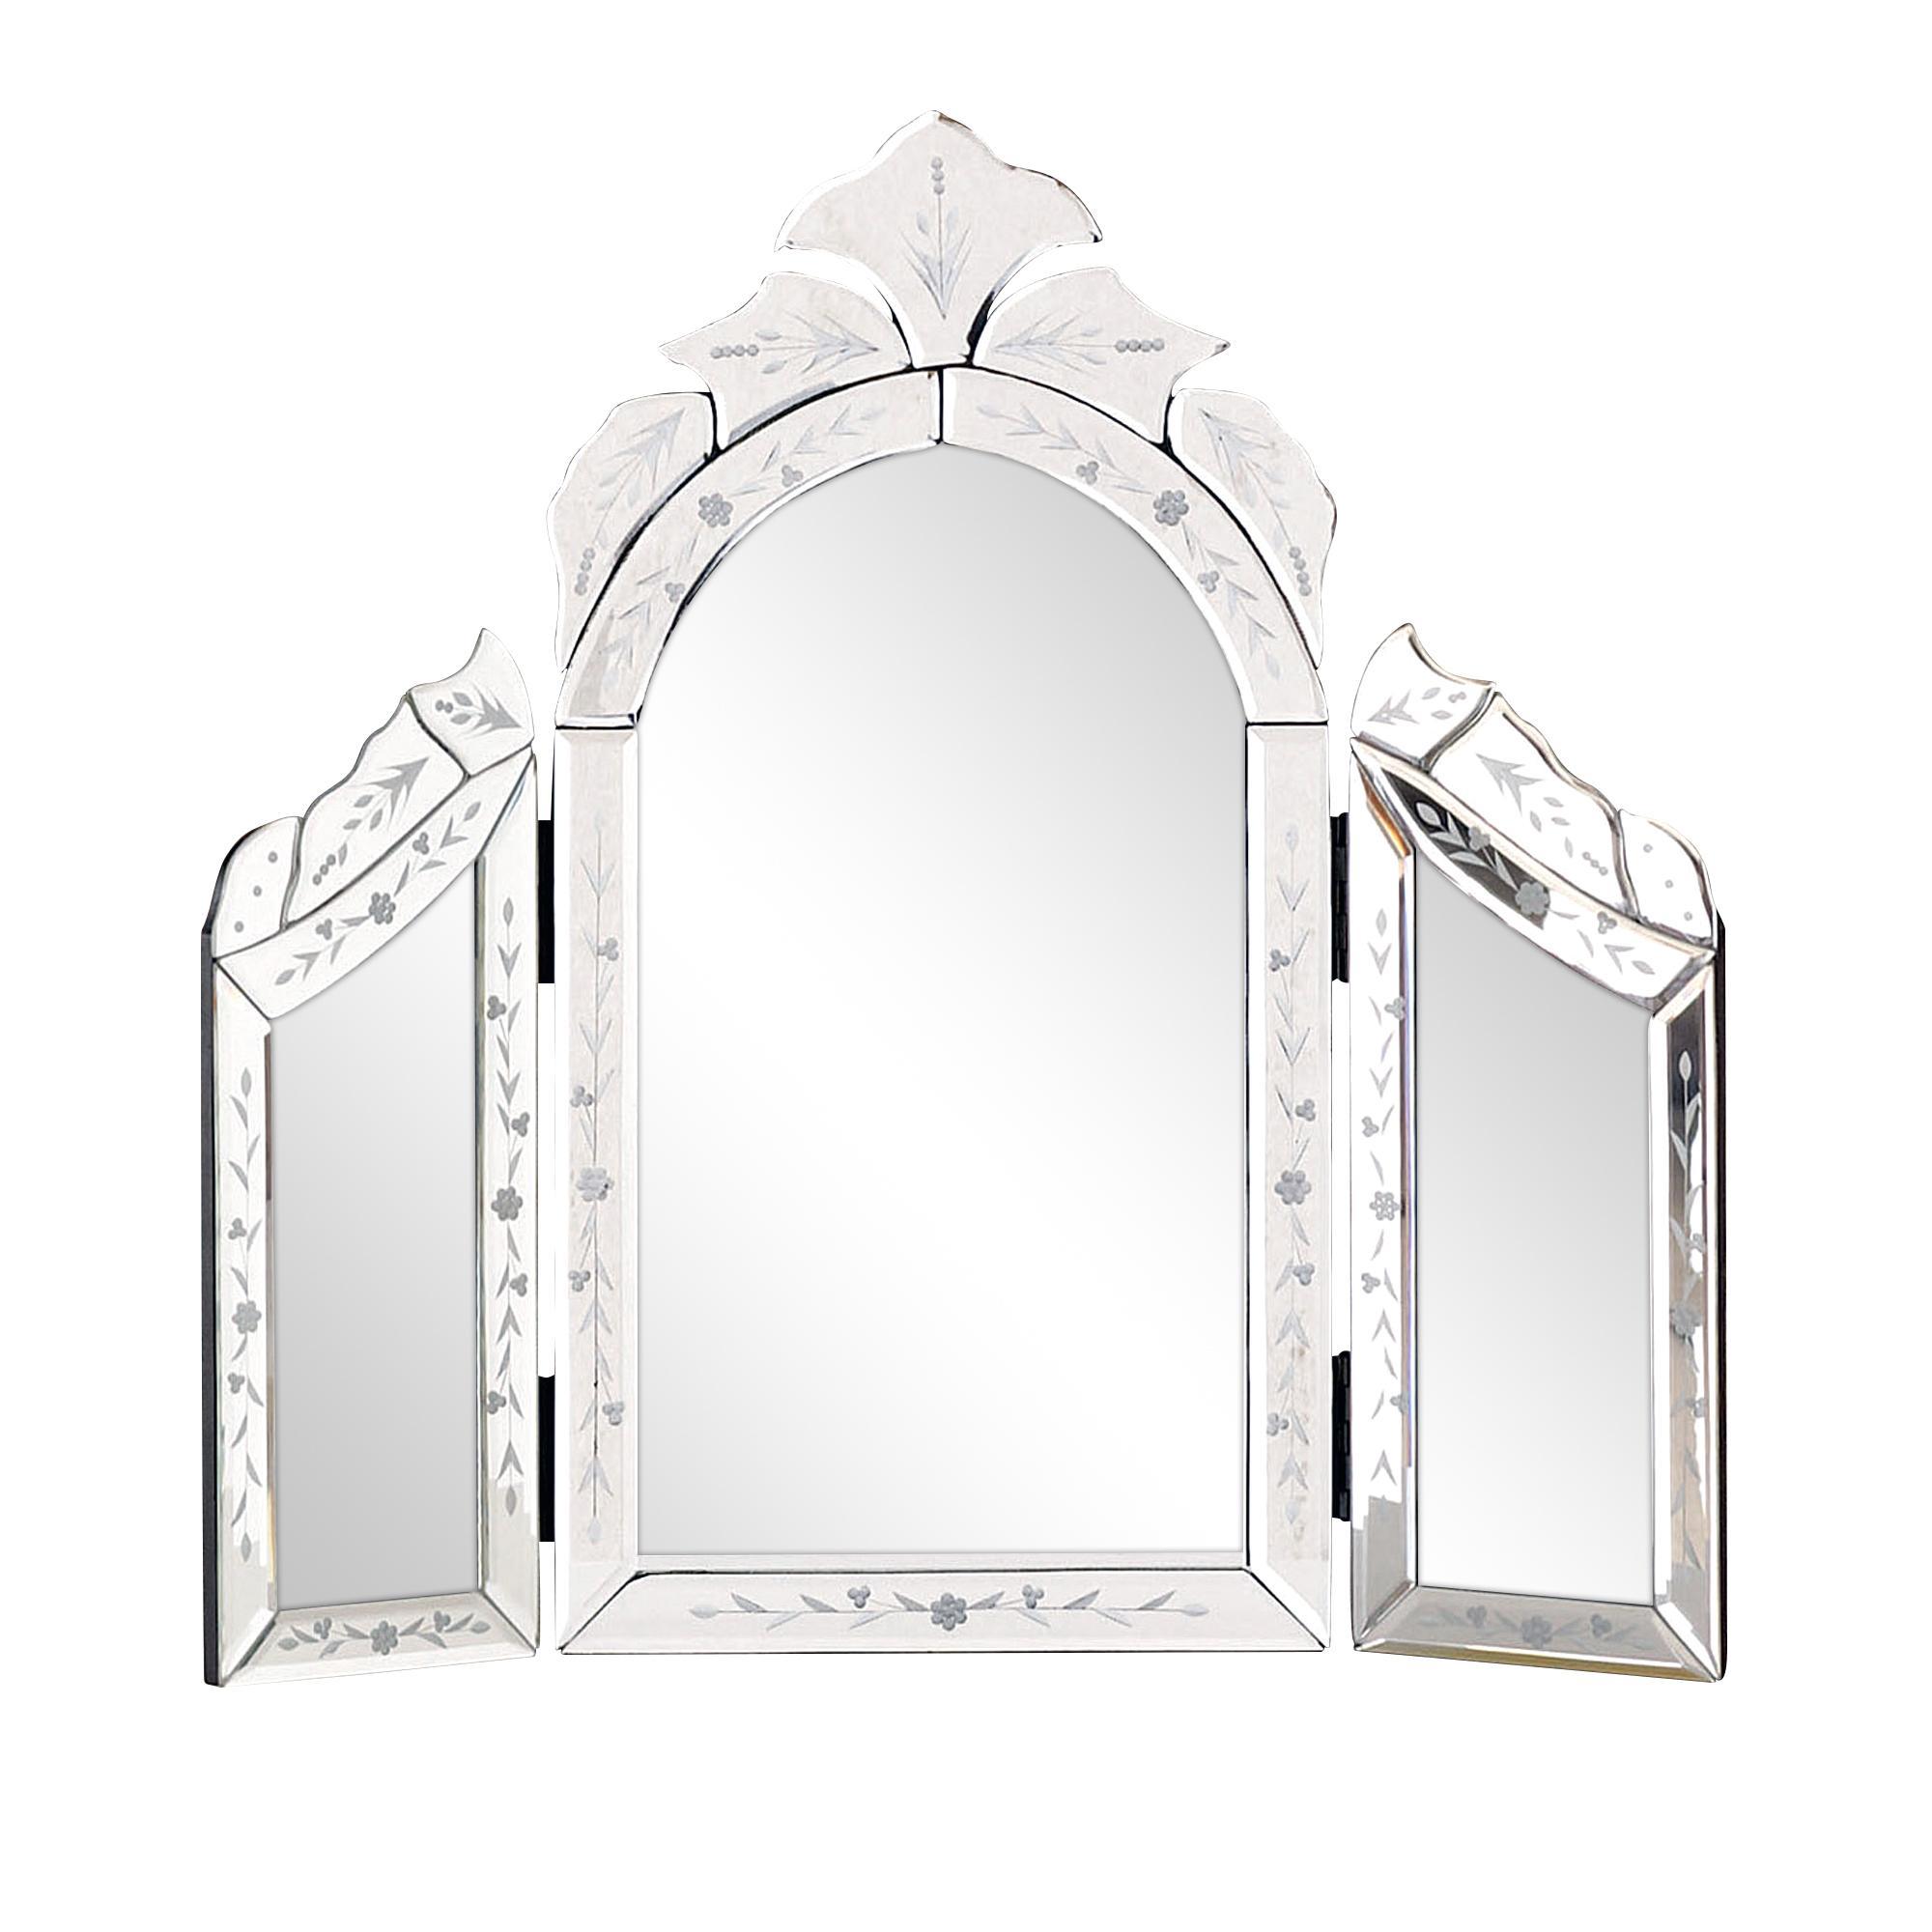 dressing table mirrors dressing table mirror | dunelm GGVEVVN